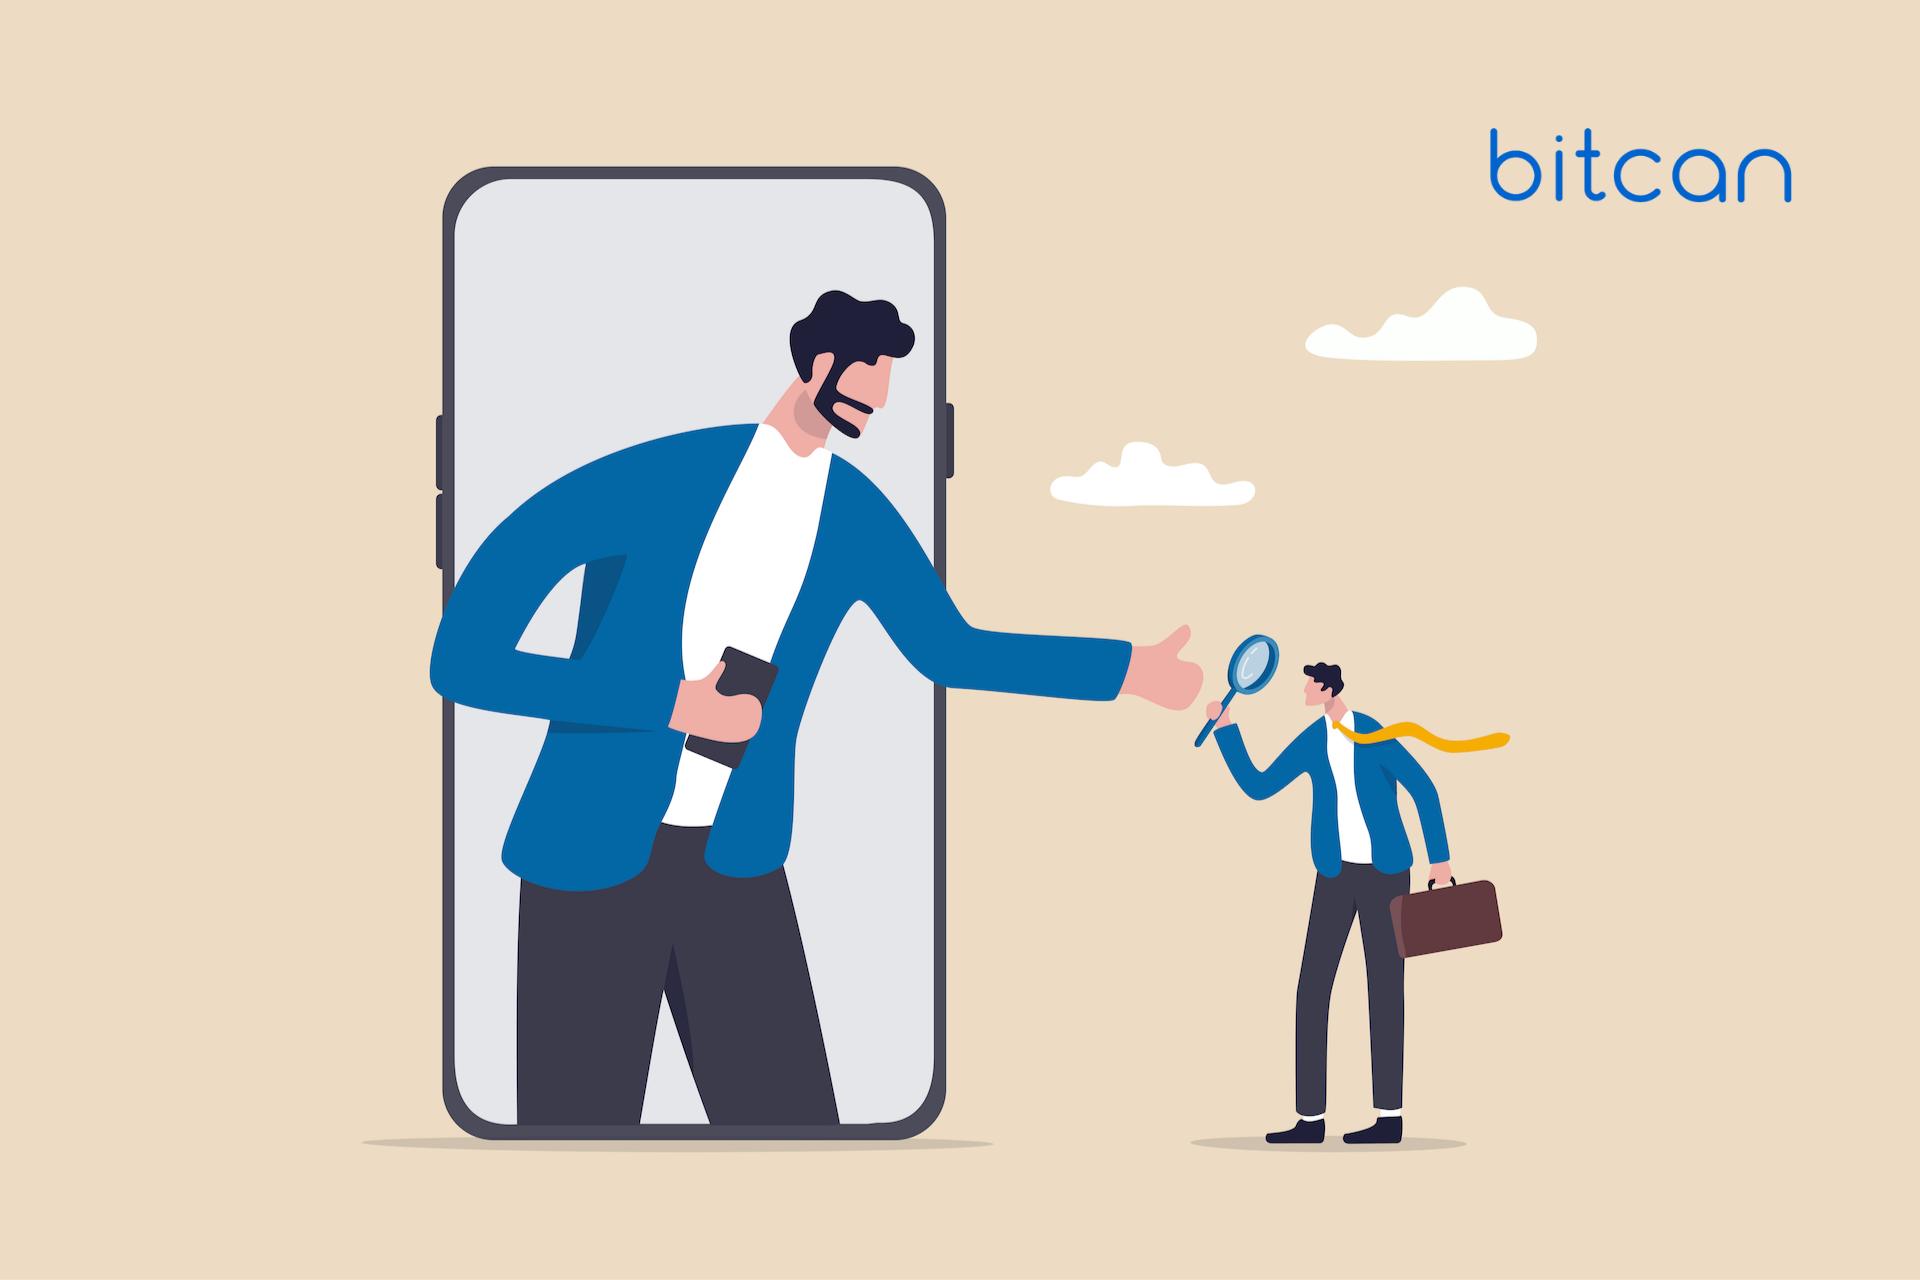 Jakie są metody weryfikacji w kantorze kryptowalut Bitcan?